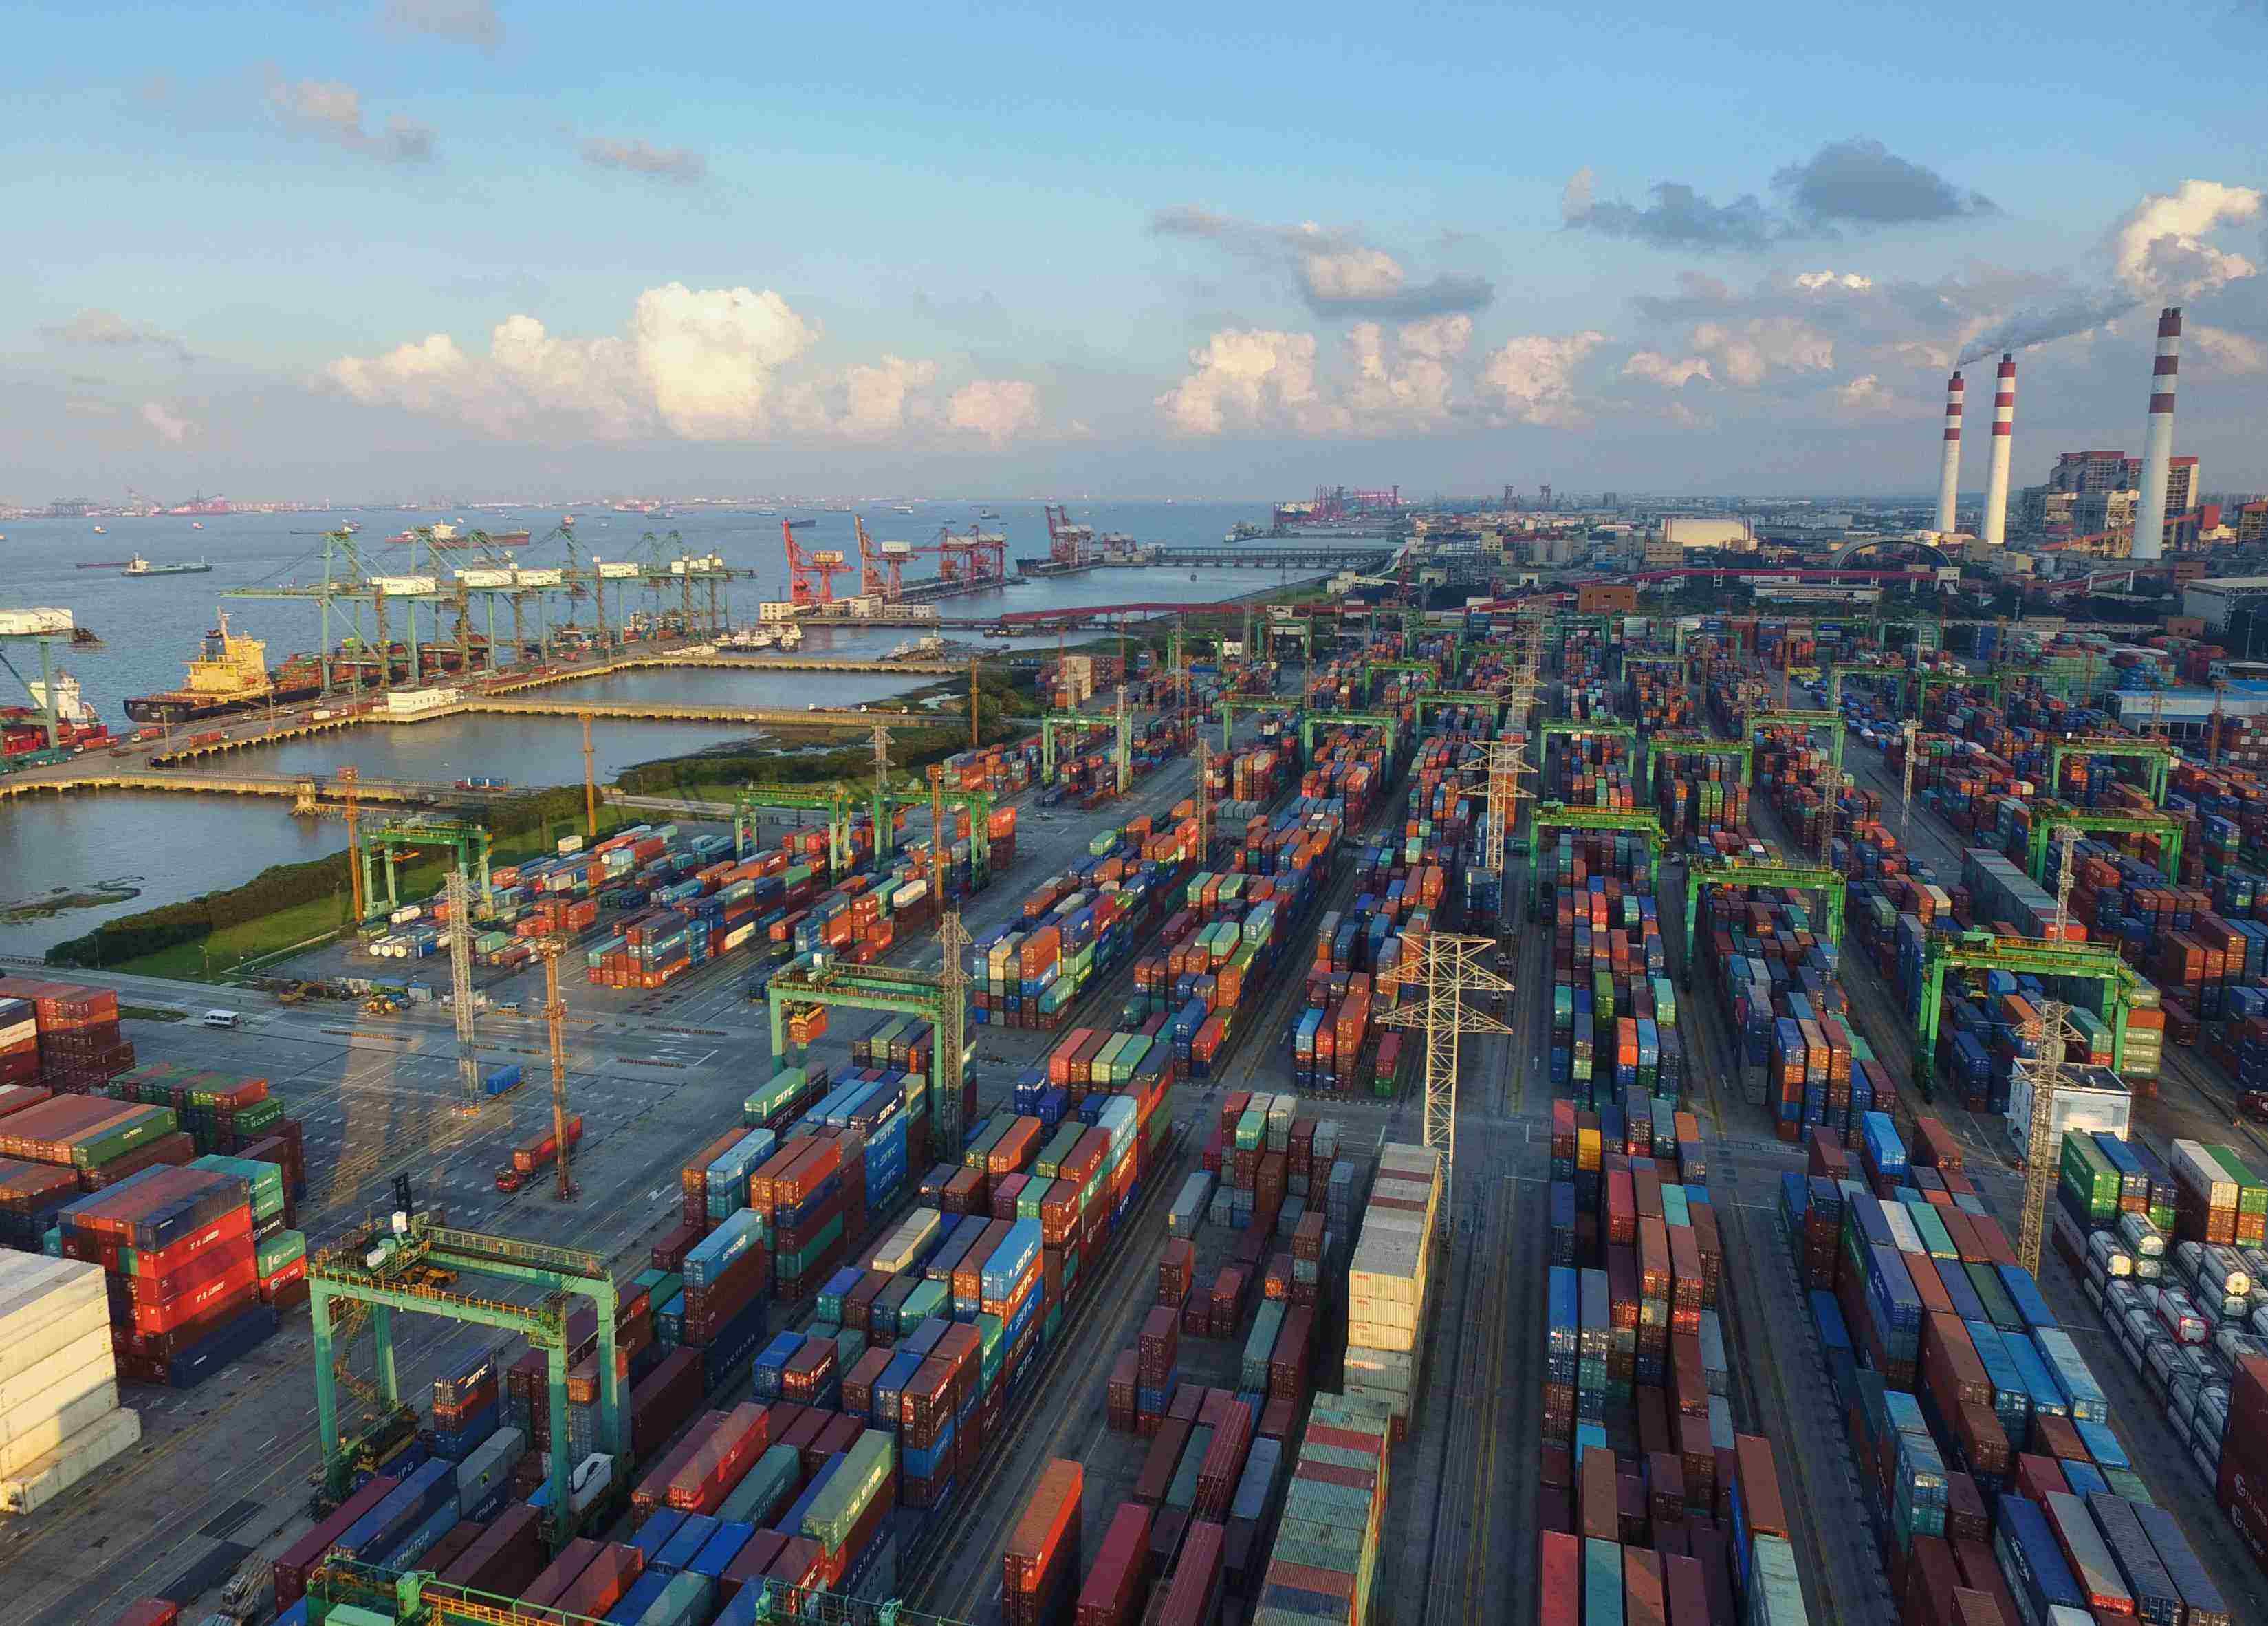 宋清辉传奇私服比奇皇宫在哪:中国自由贸易港建设面临两大金融风险